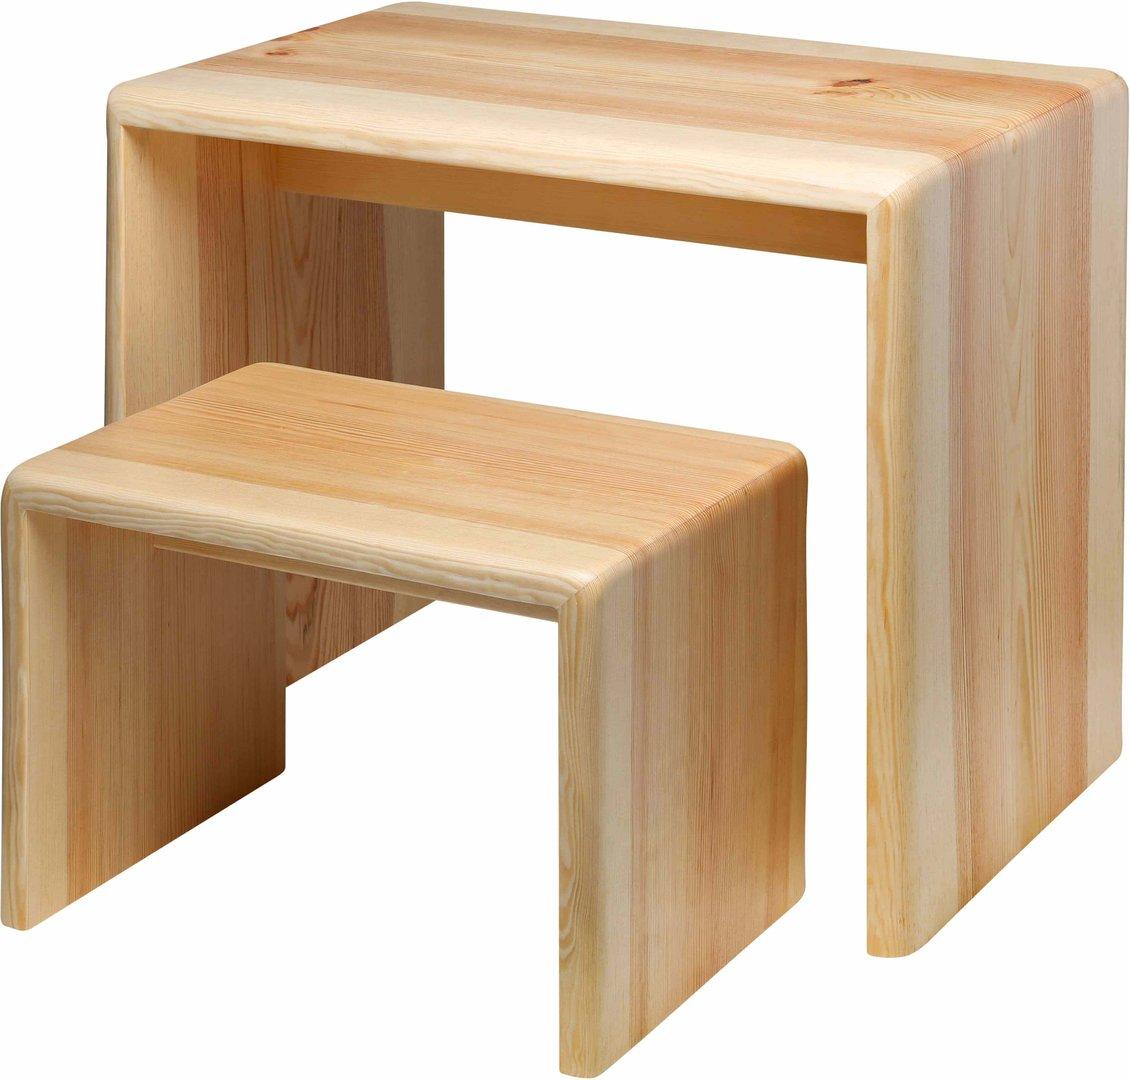 set aus kindertisch mit schemel. Black Bedroom Furniture Sets. Home Design Ideas